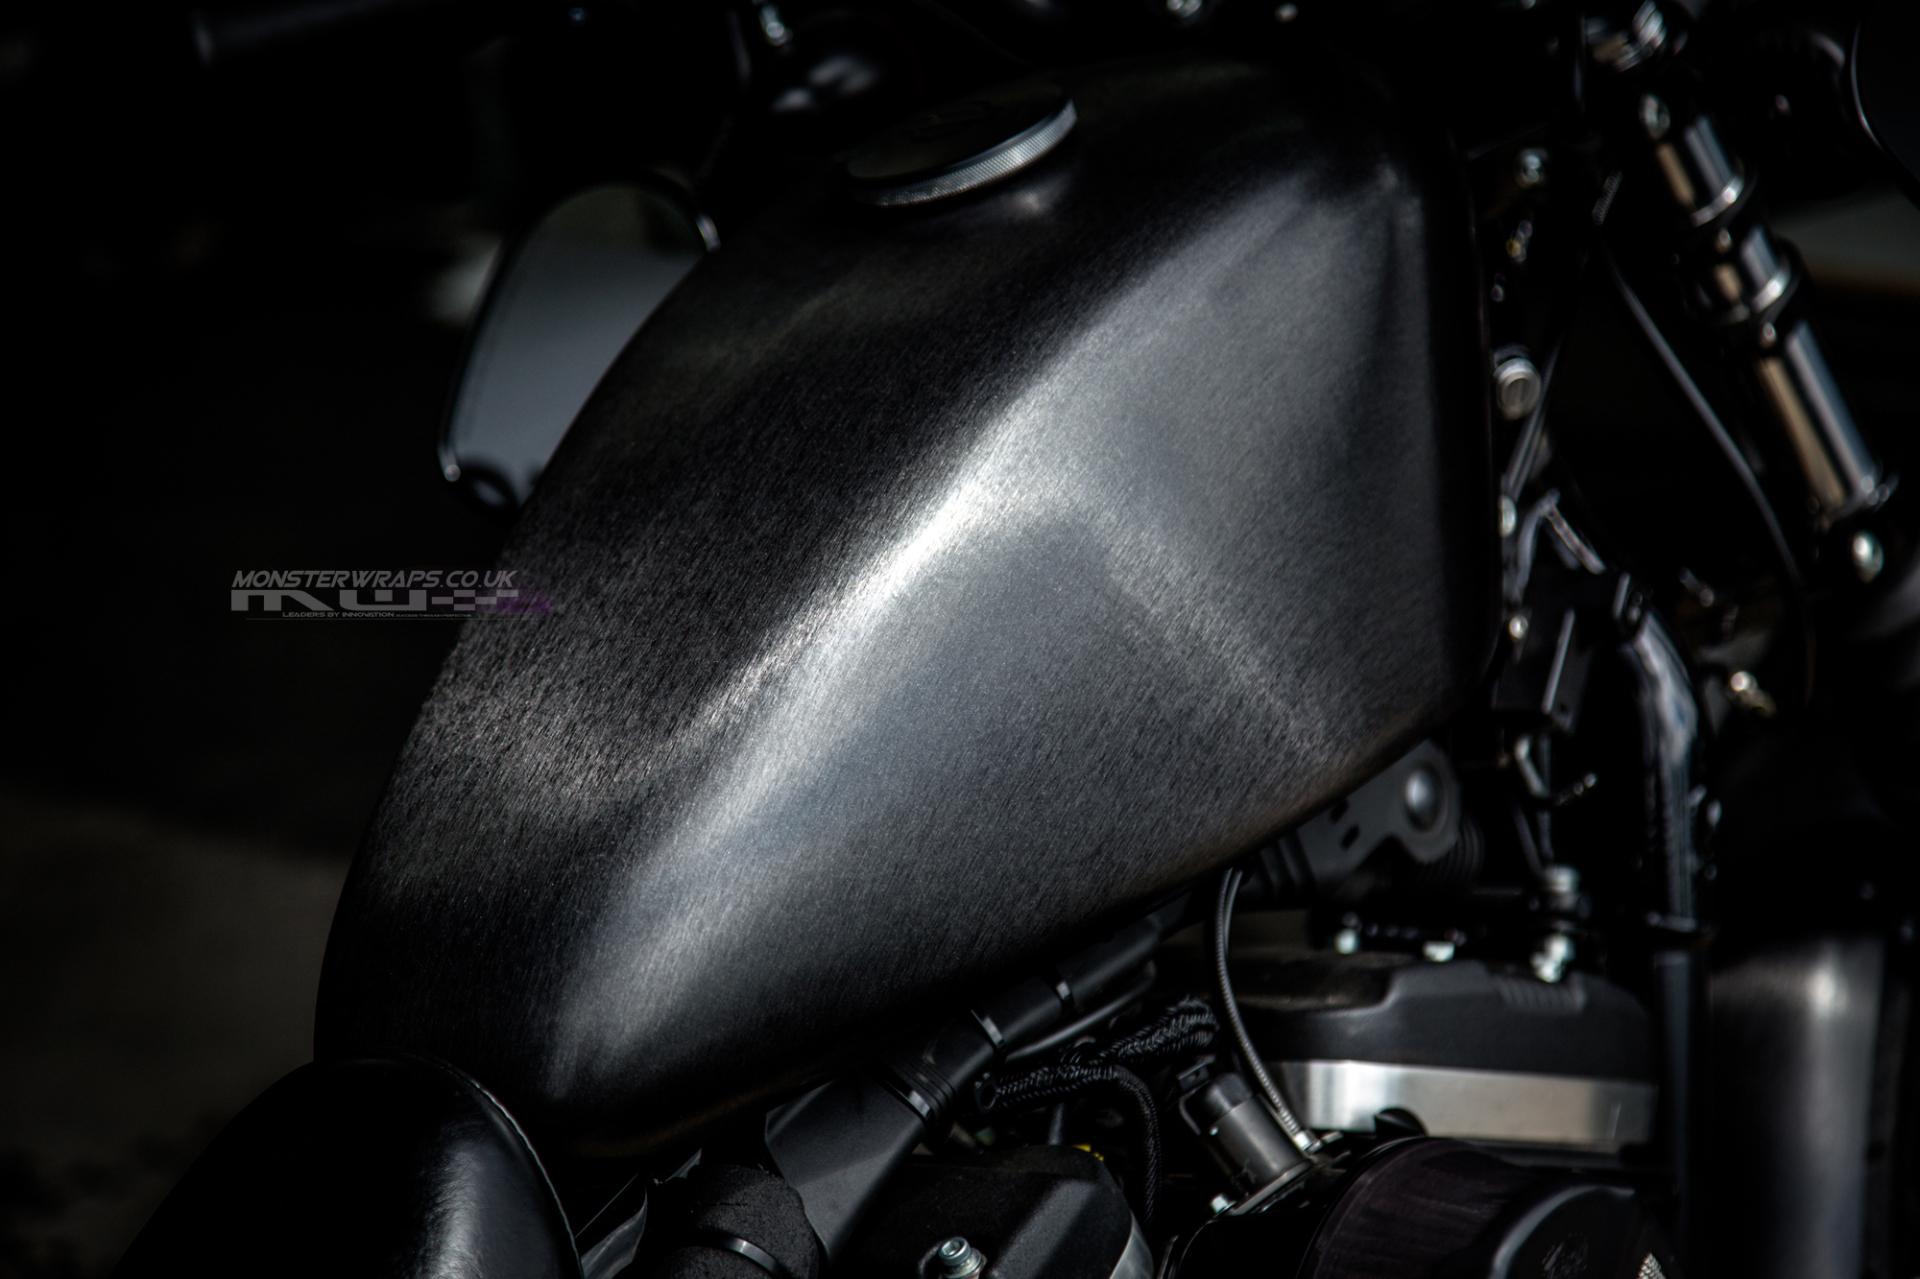 Harley Davidson 883 Black Brushed metallic wrap